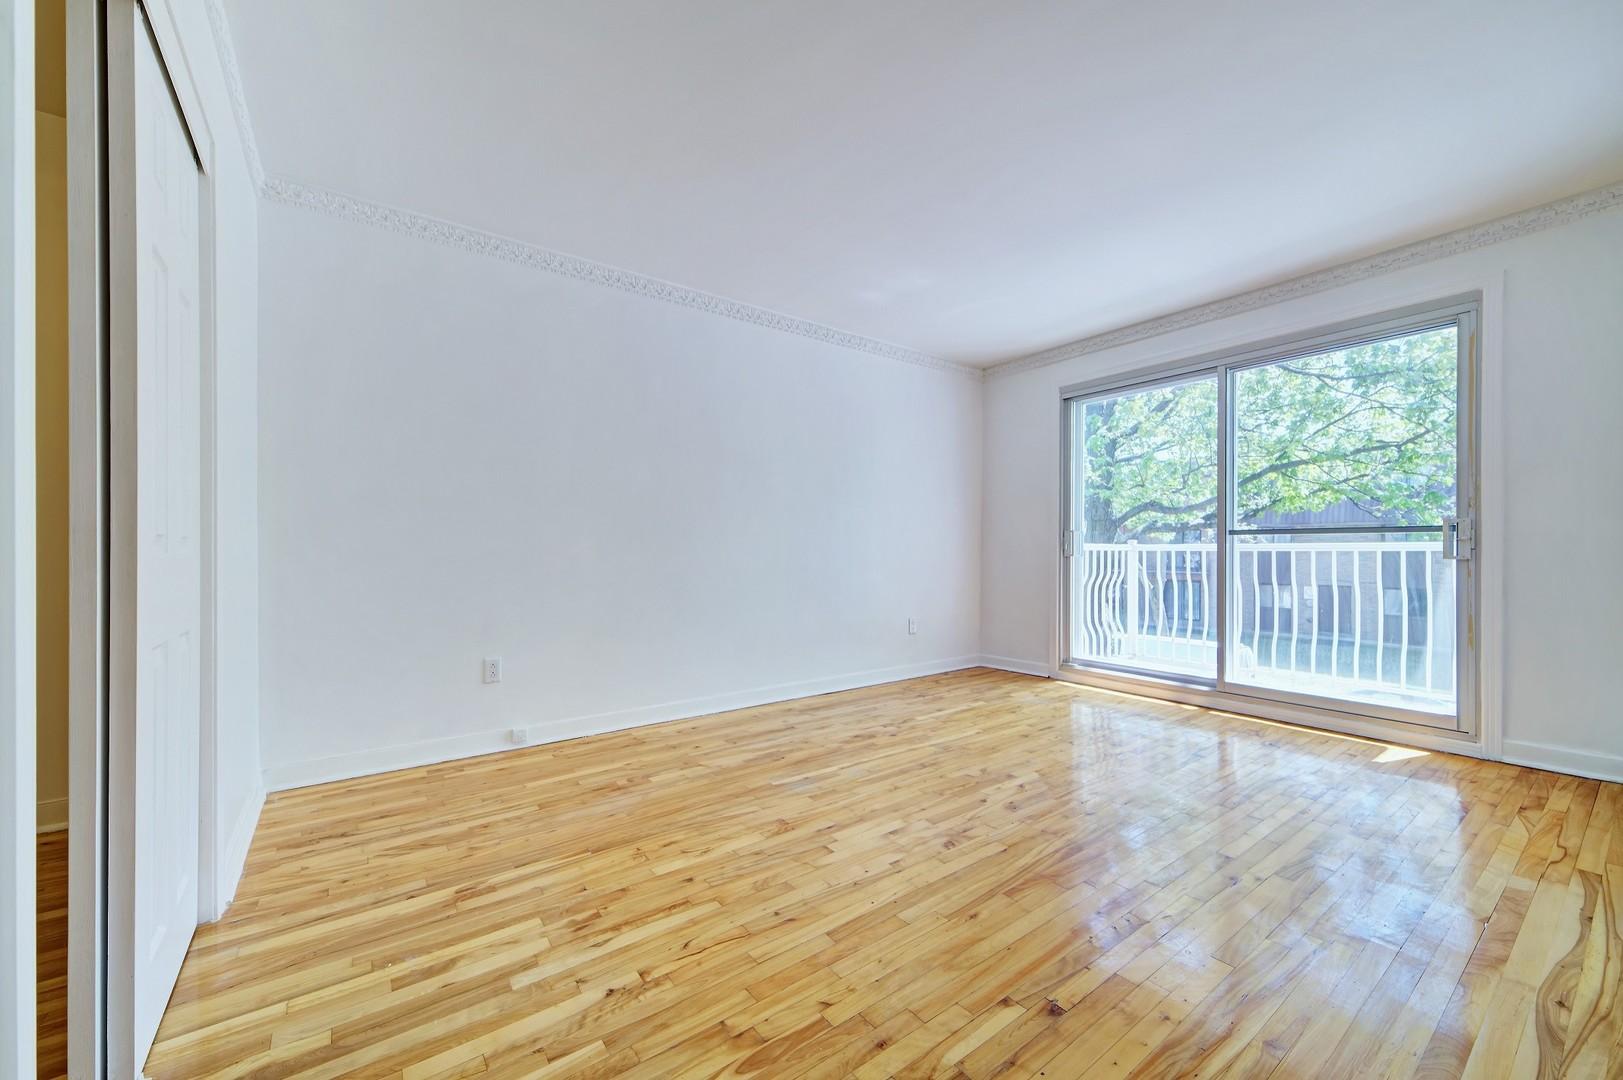 image 10 - Apartment - For rent - Montréal  (Mercier) - 4 rooms